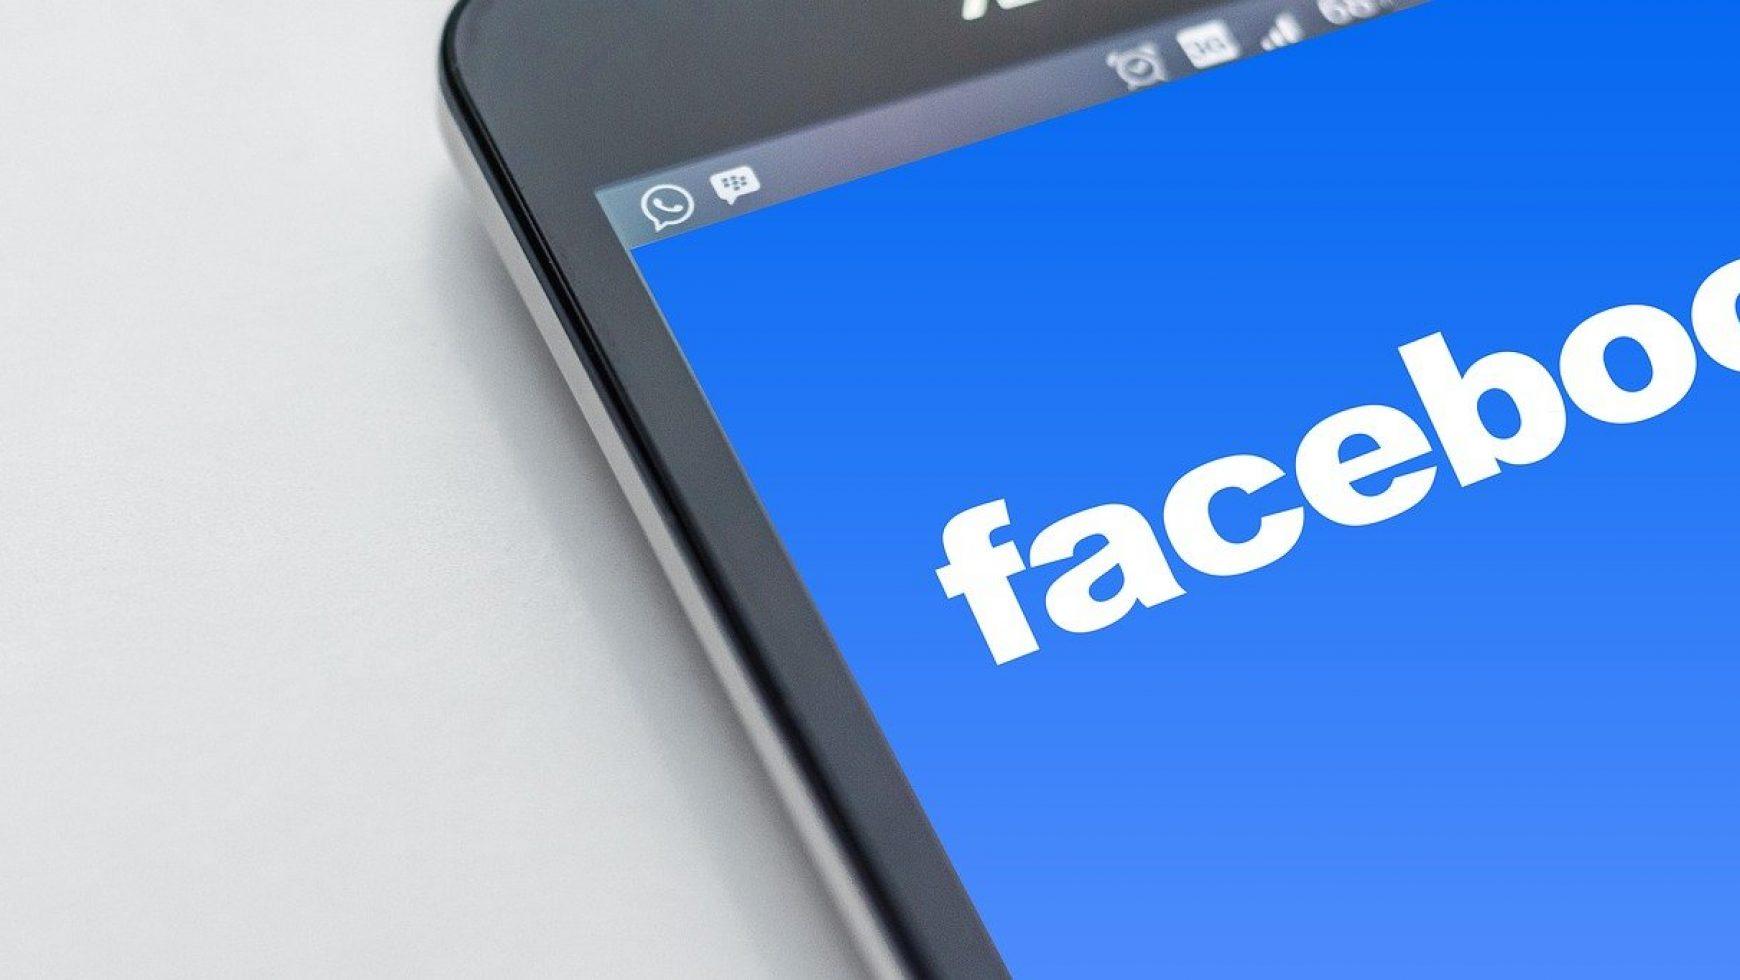 6 Cara Jualan Online di Facebook Agar Laris untuk Pemula Paling Jitu